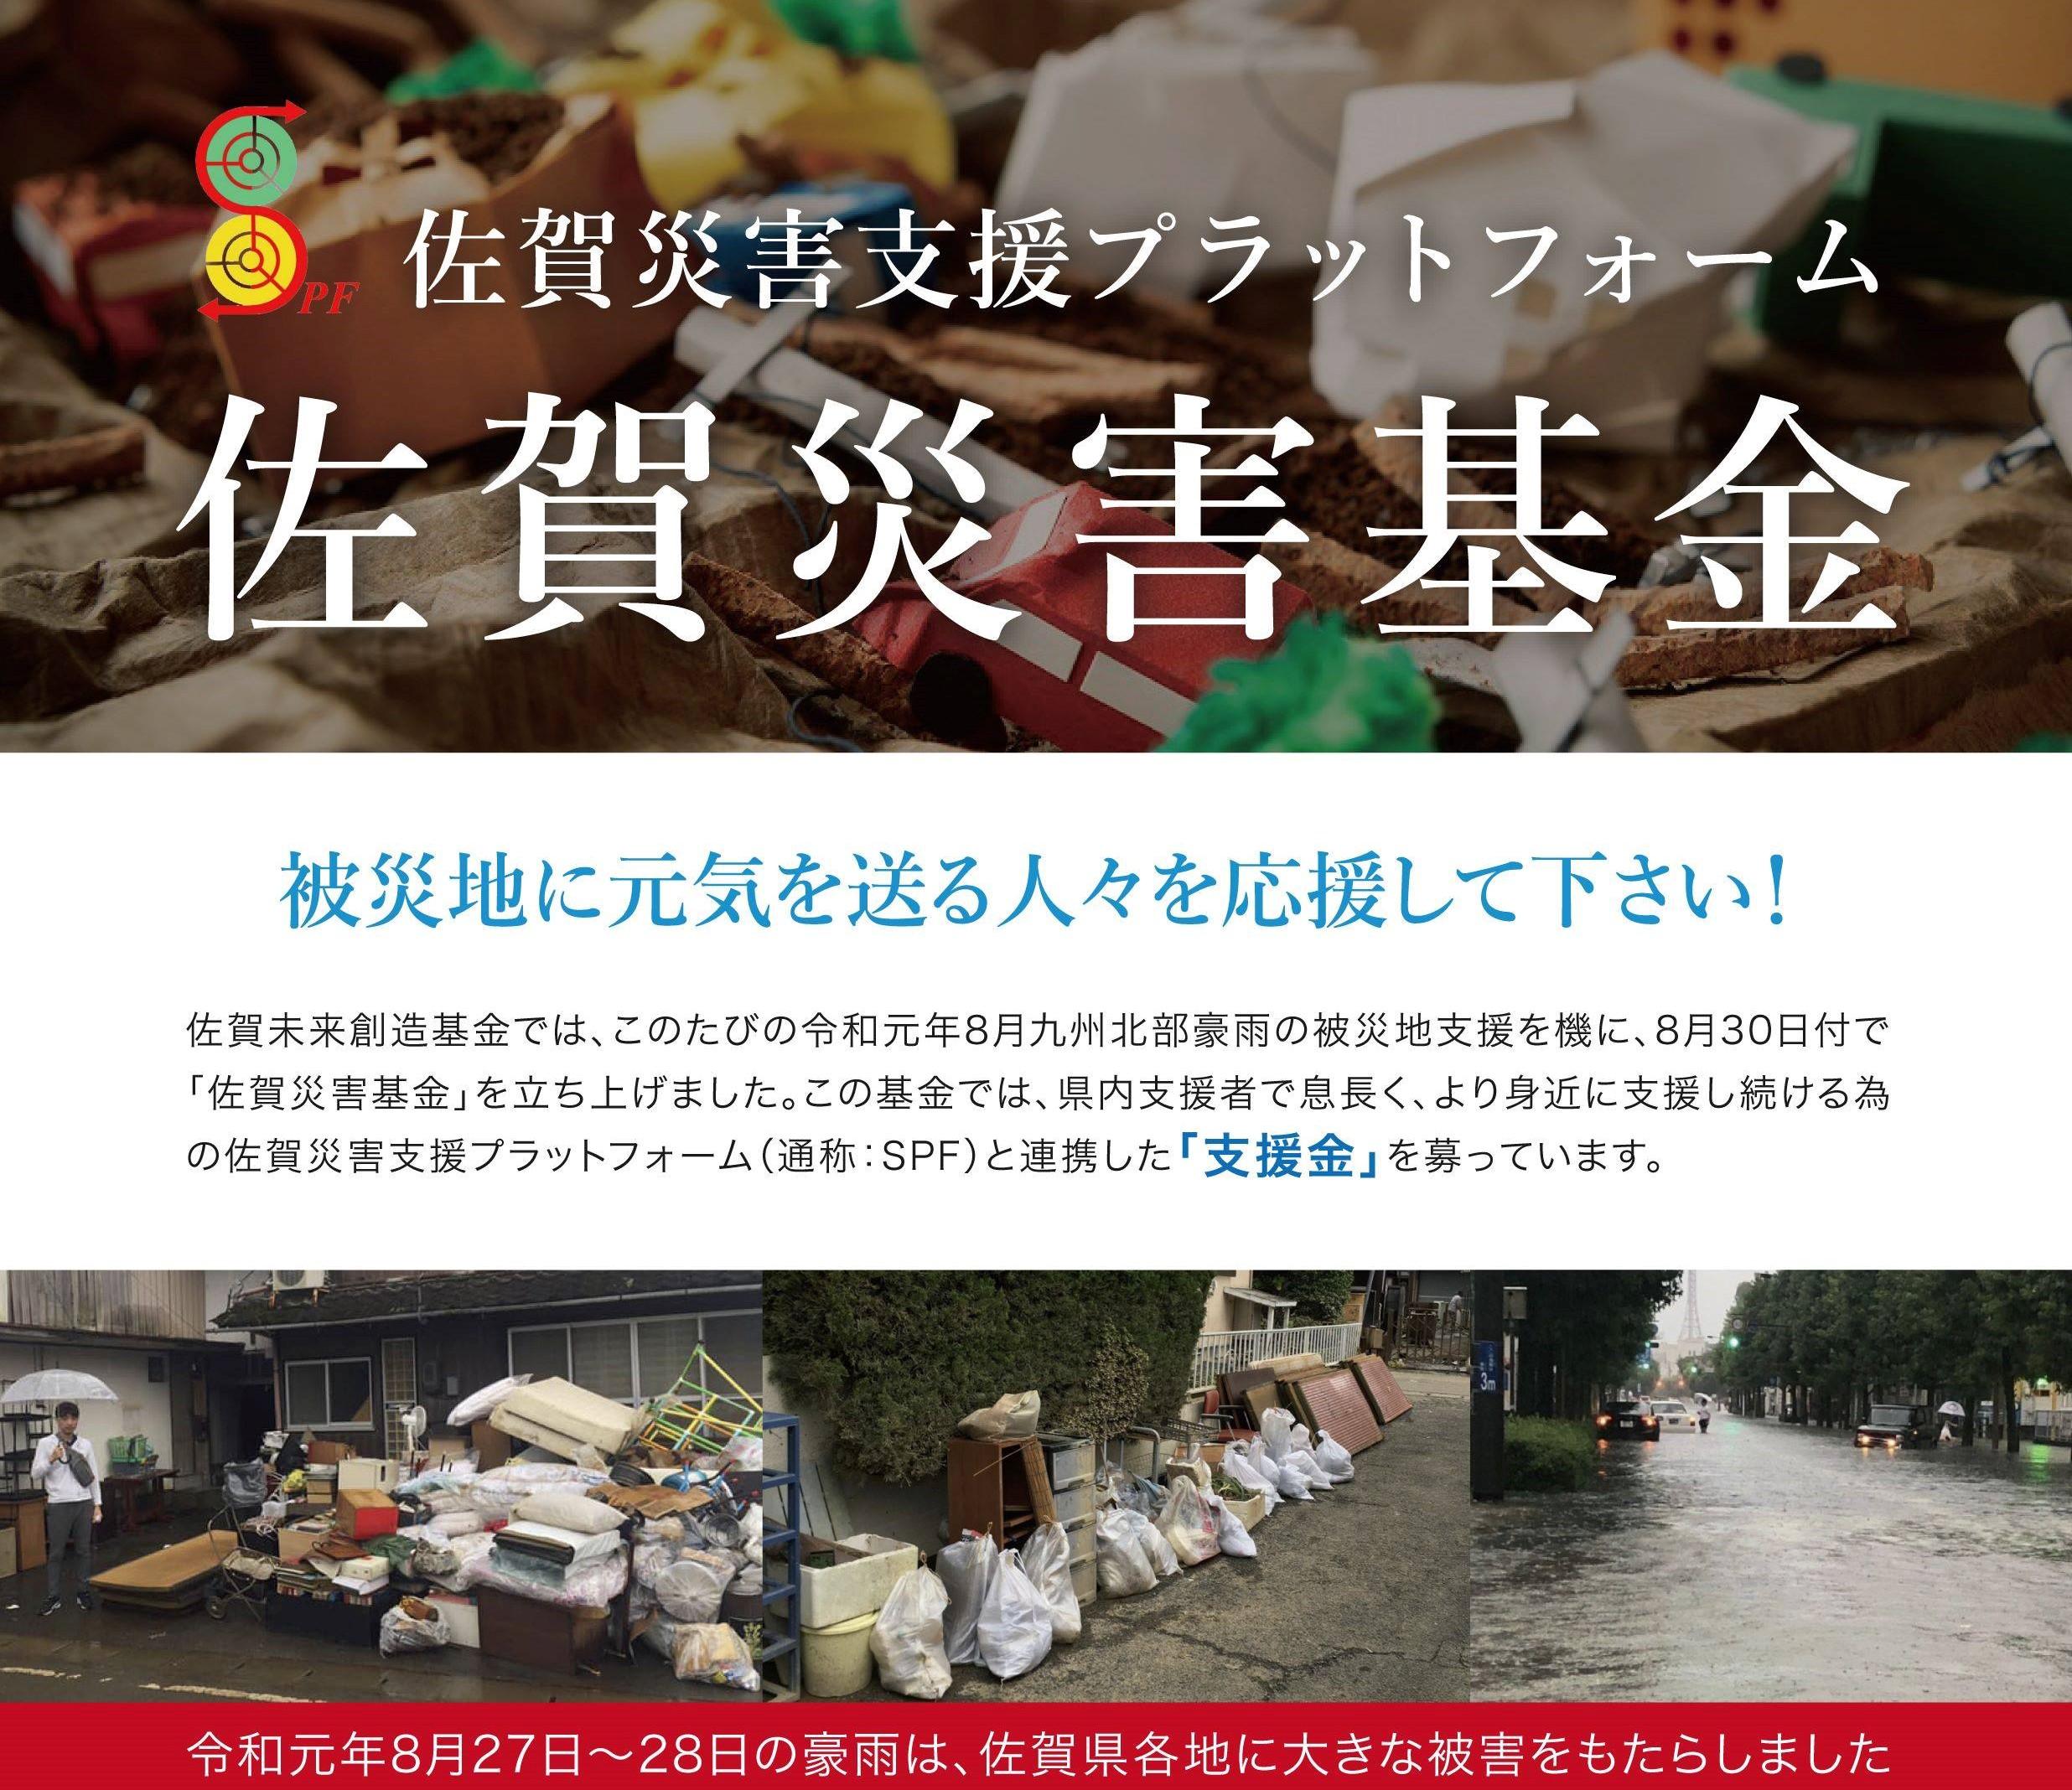 佐賀災害基金【令和元年8月九州北部豪雨